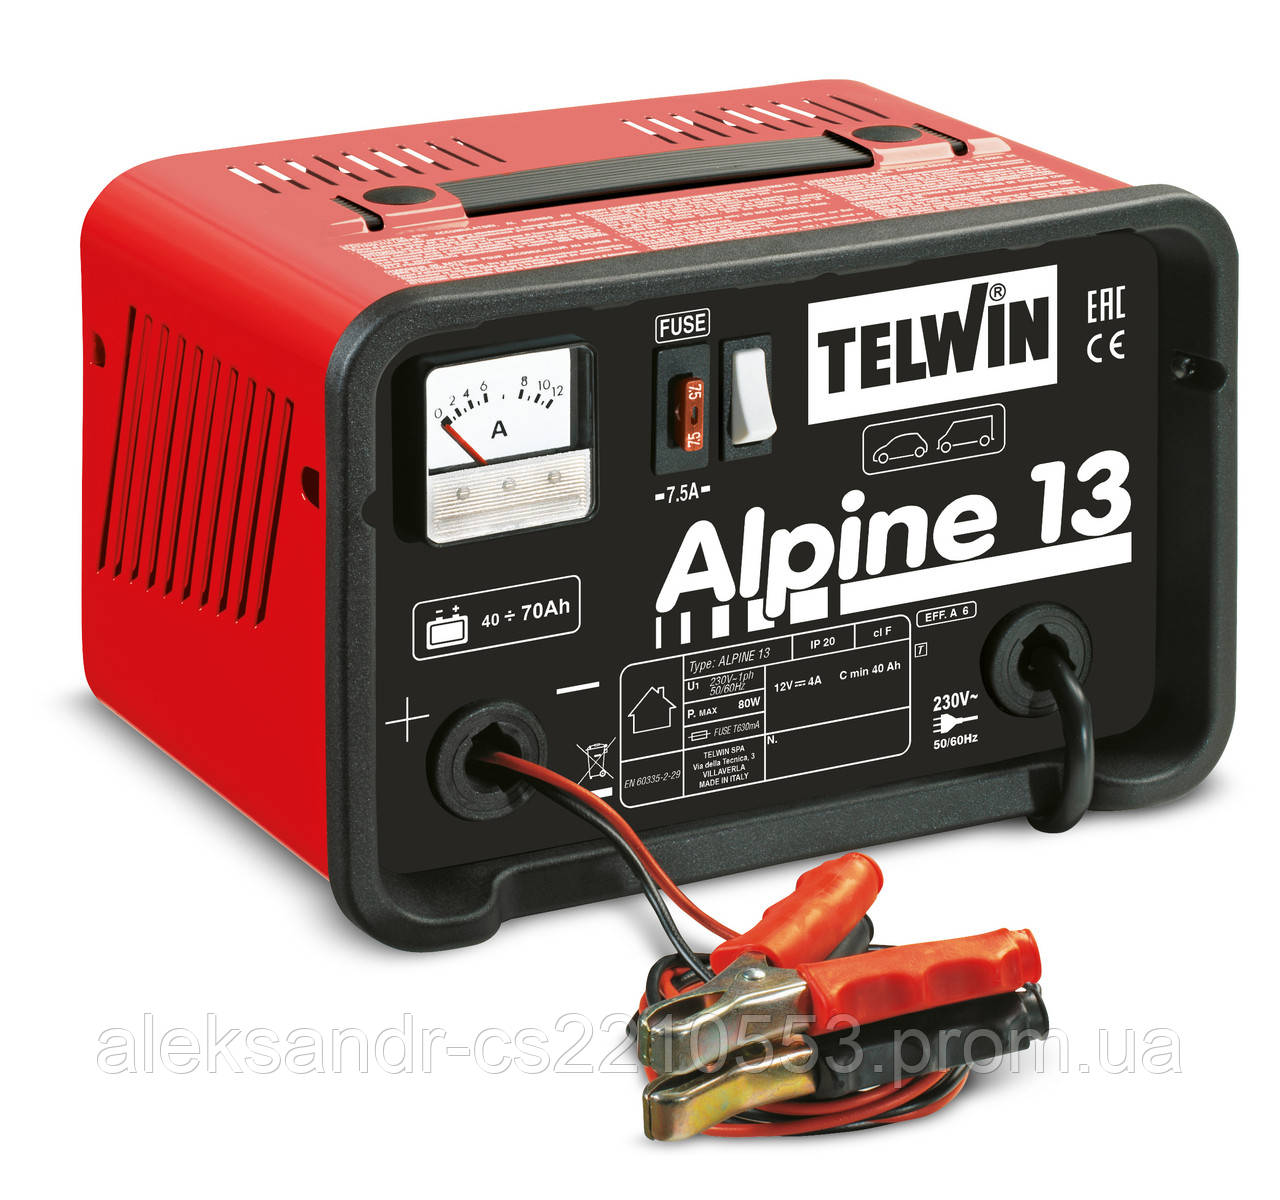 Telwin Alpine 13 - Зарядное устройство